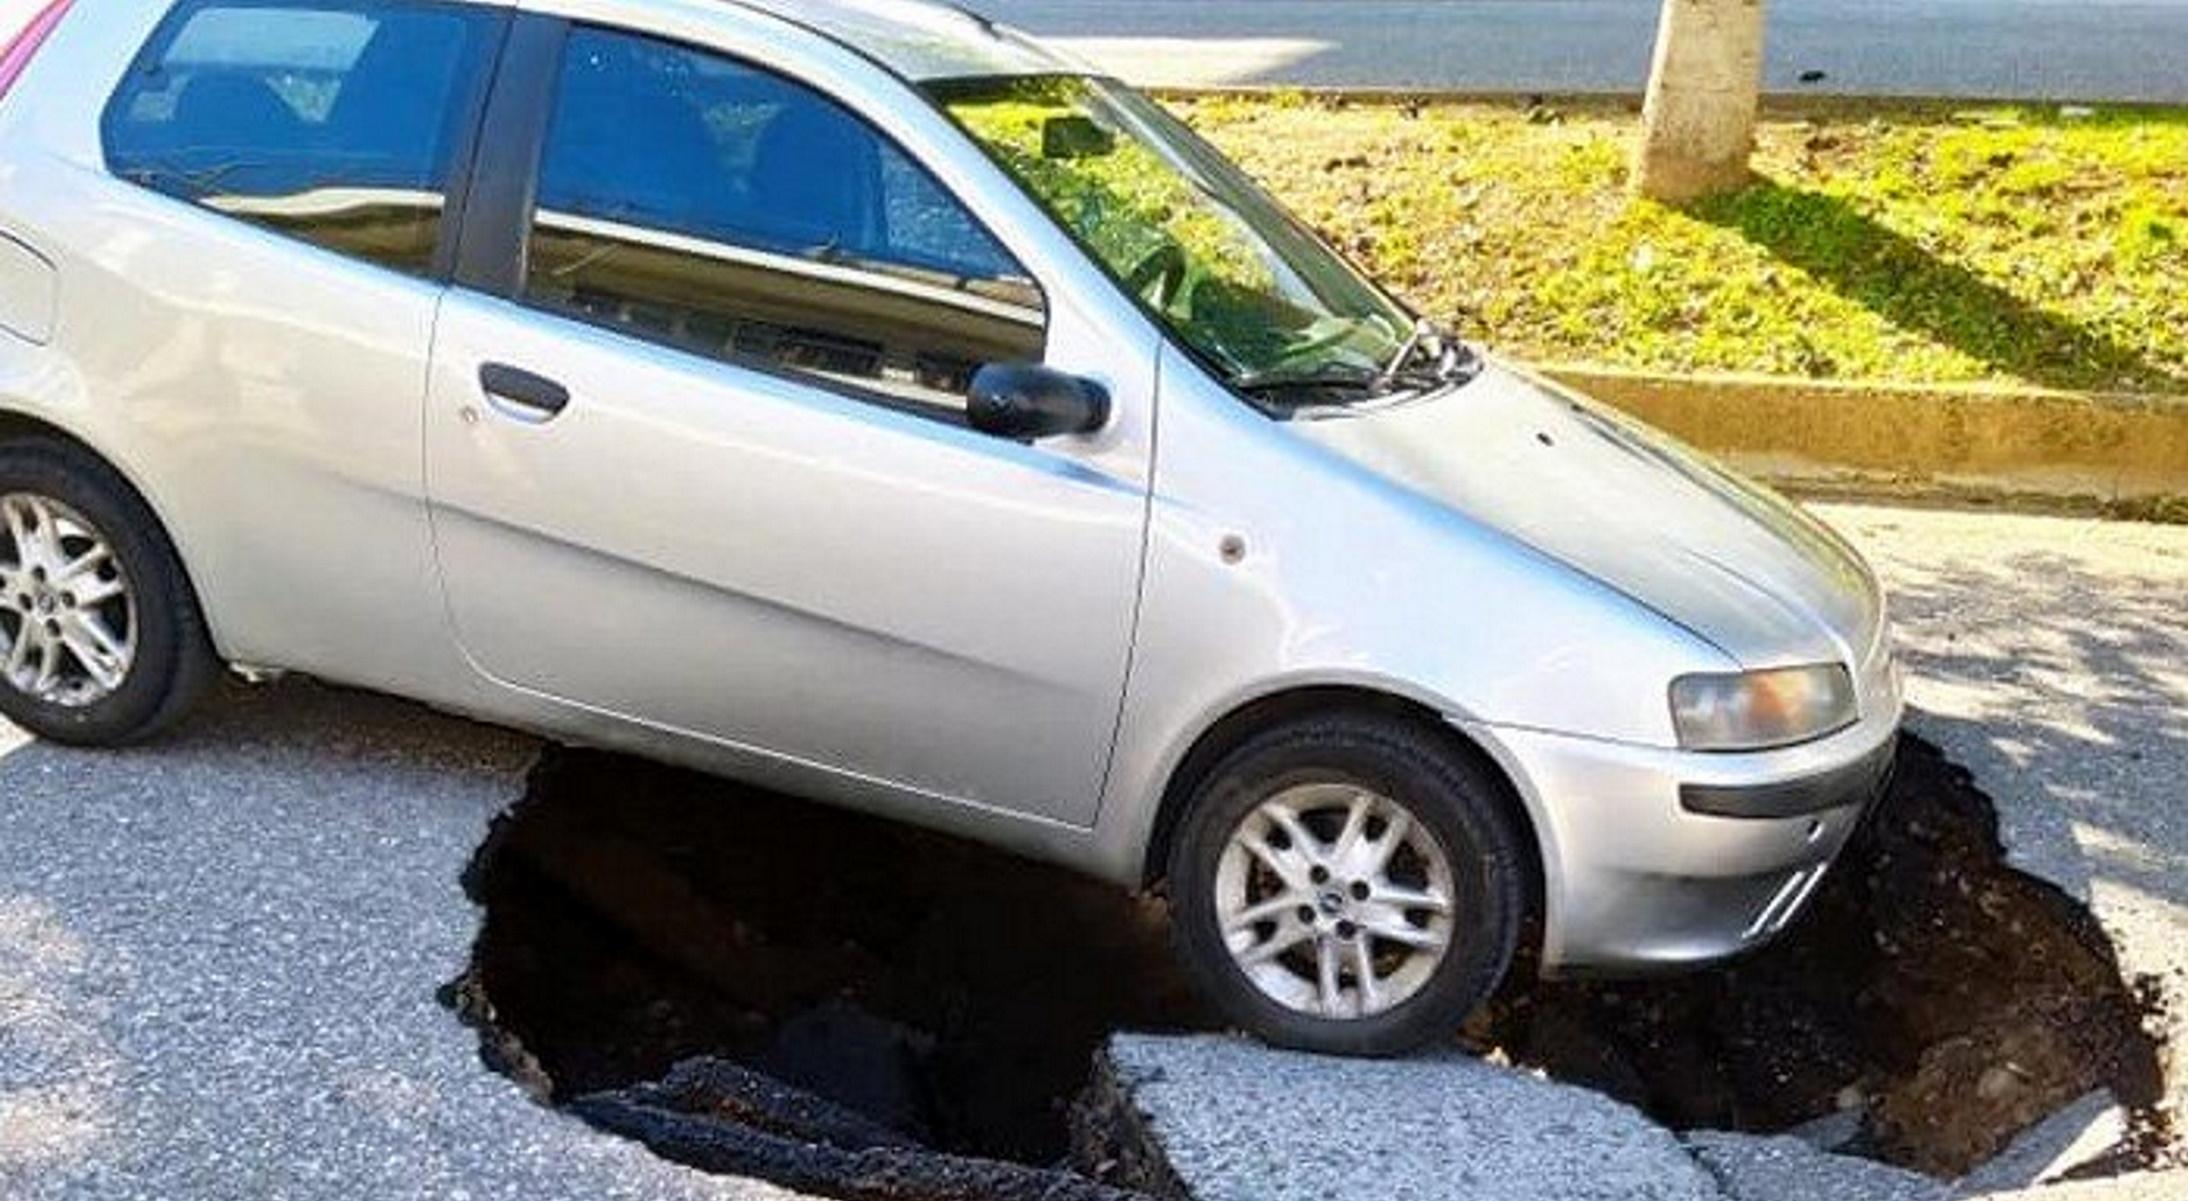 Αγρίνιο: Άνοιξε η γη και «κατάπιε» αυτοκίνητο (pics)